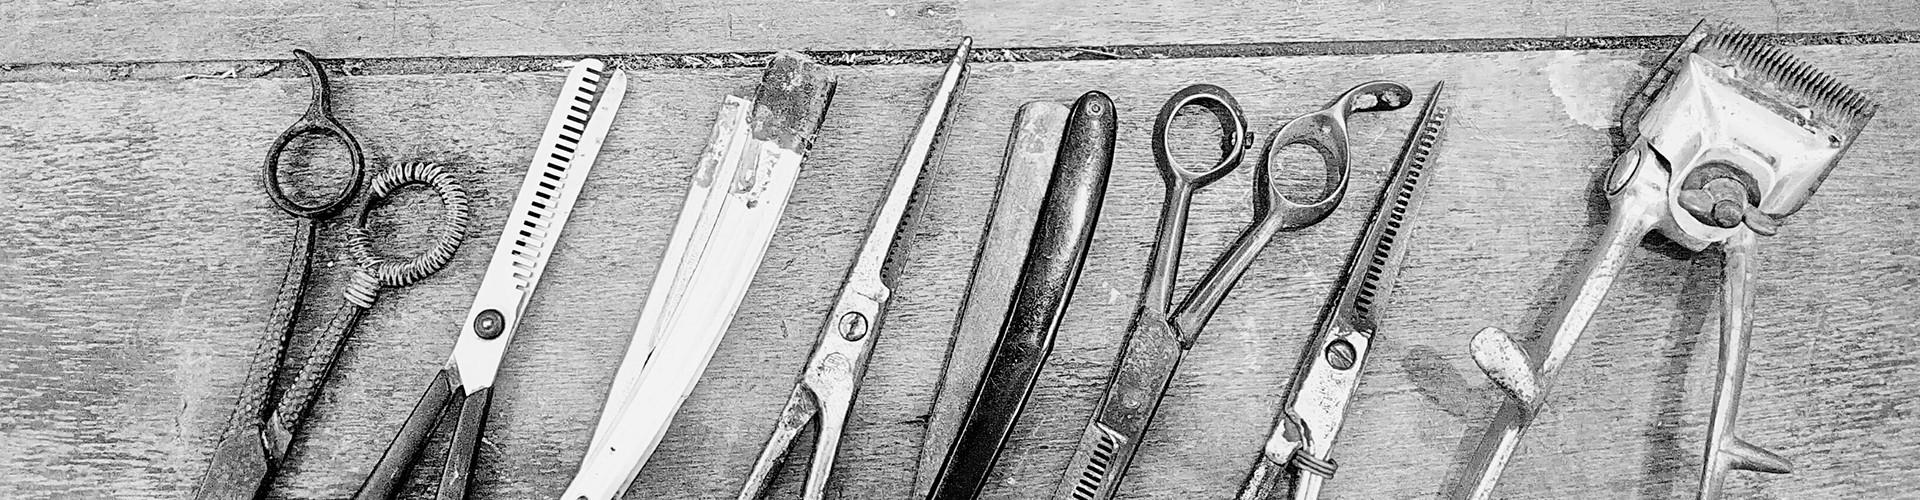 Désinfection et produits jetables pour barbiers et coiffeurs